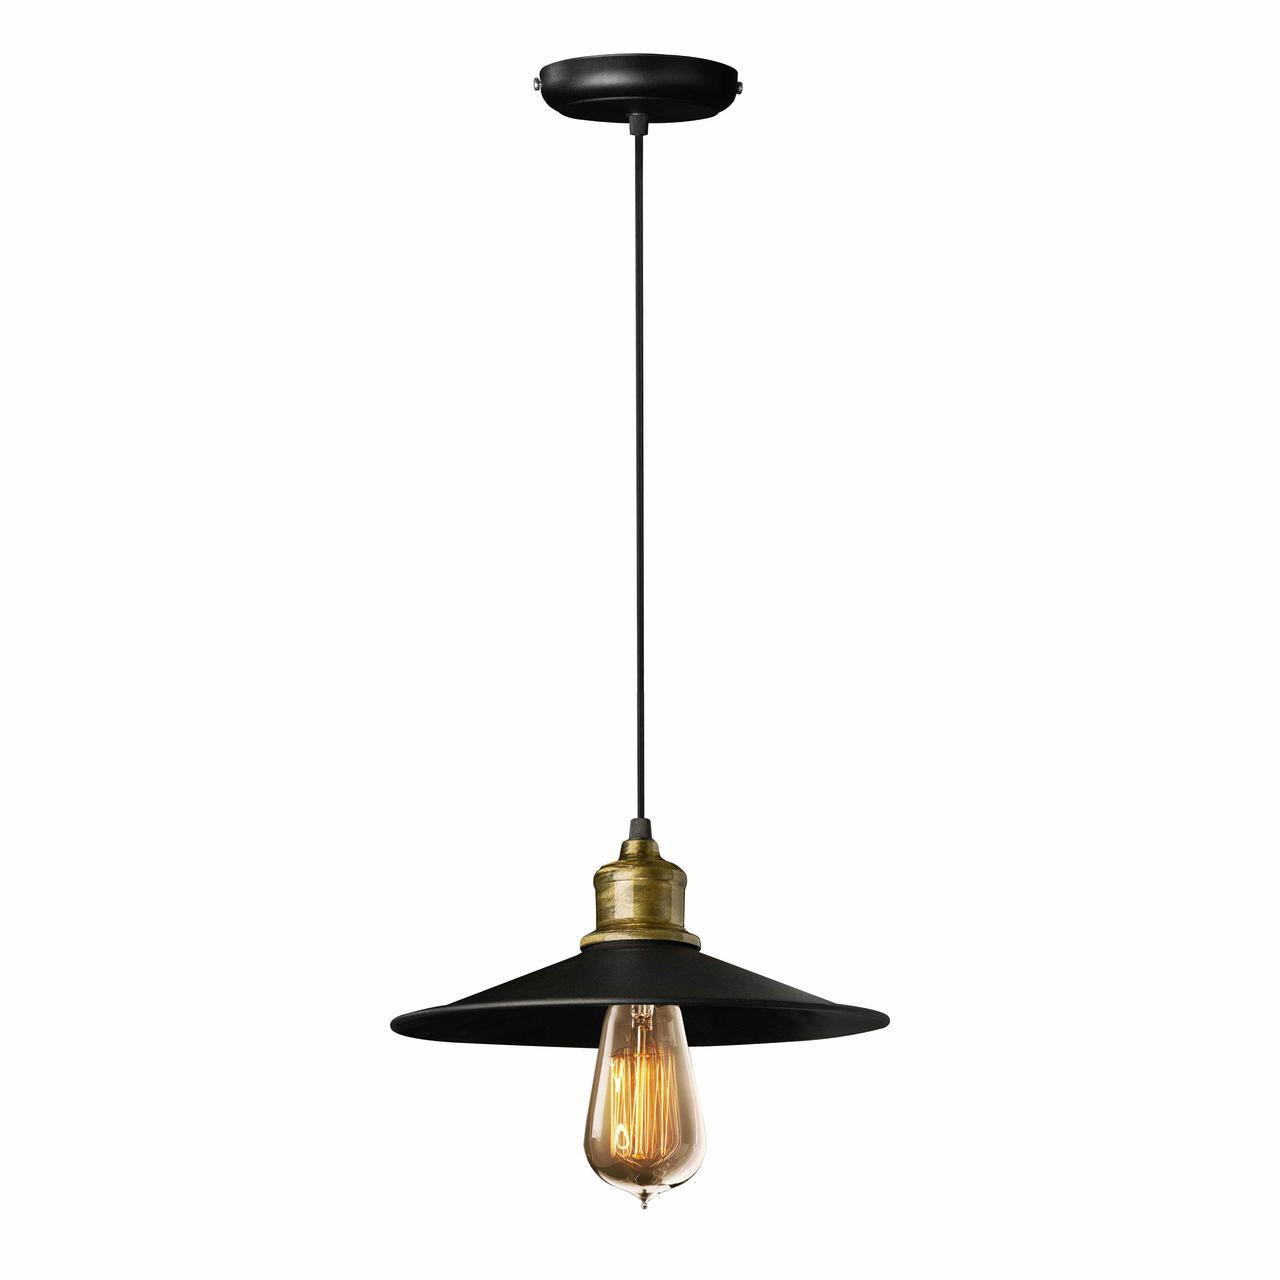 Світильник підвісний стилі лофт NL 117-260 MSK Electric